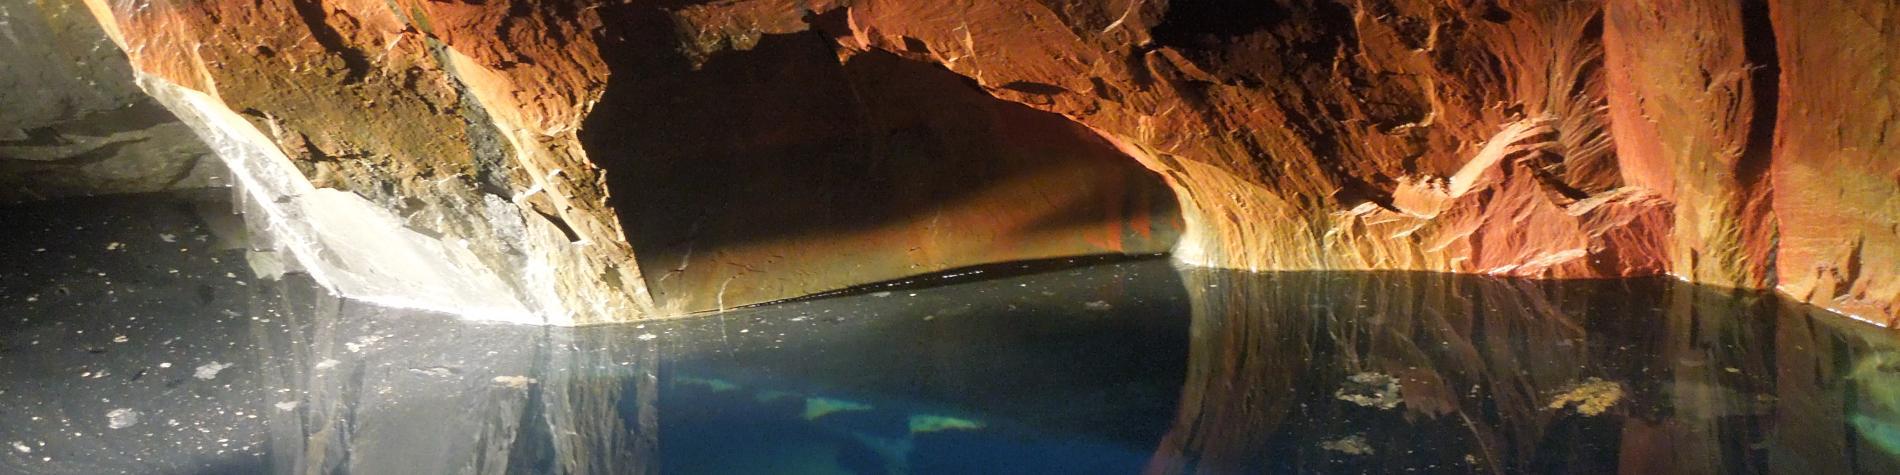 Galerie souterraine de l'ancienne ardoisière d'Alle-sur-Semois.